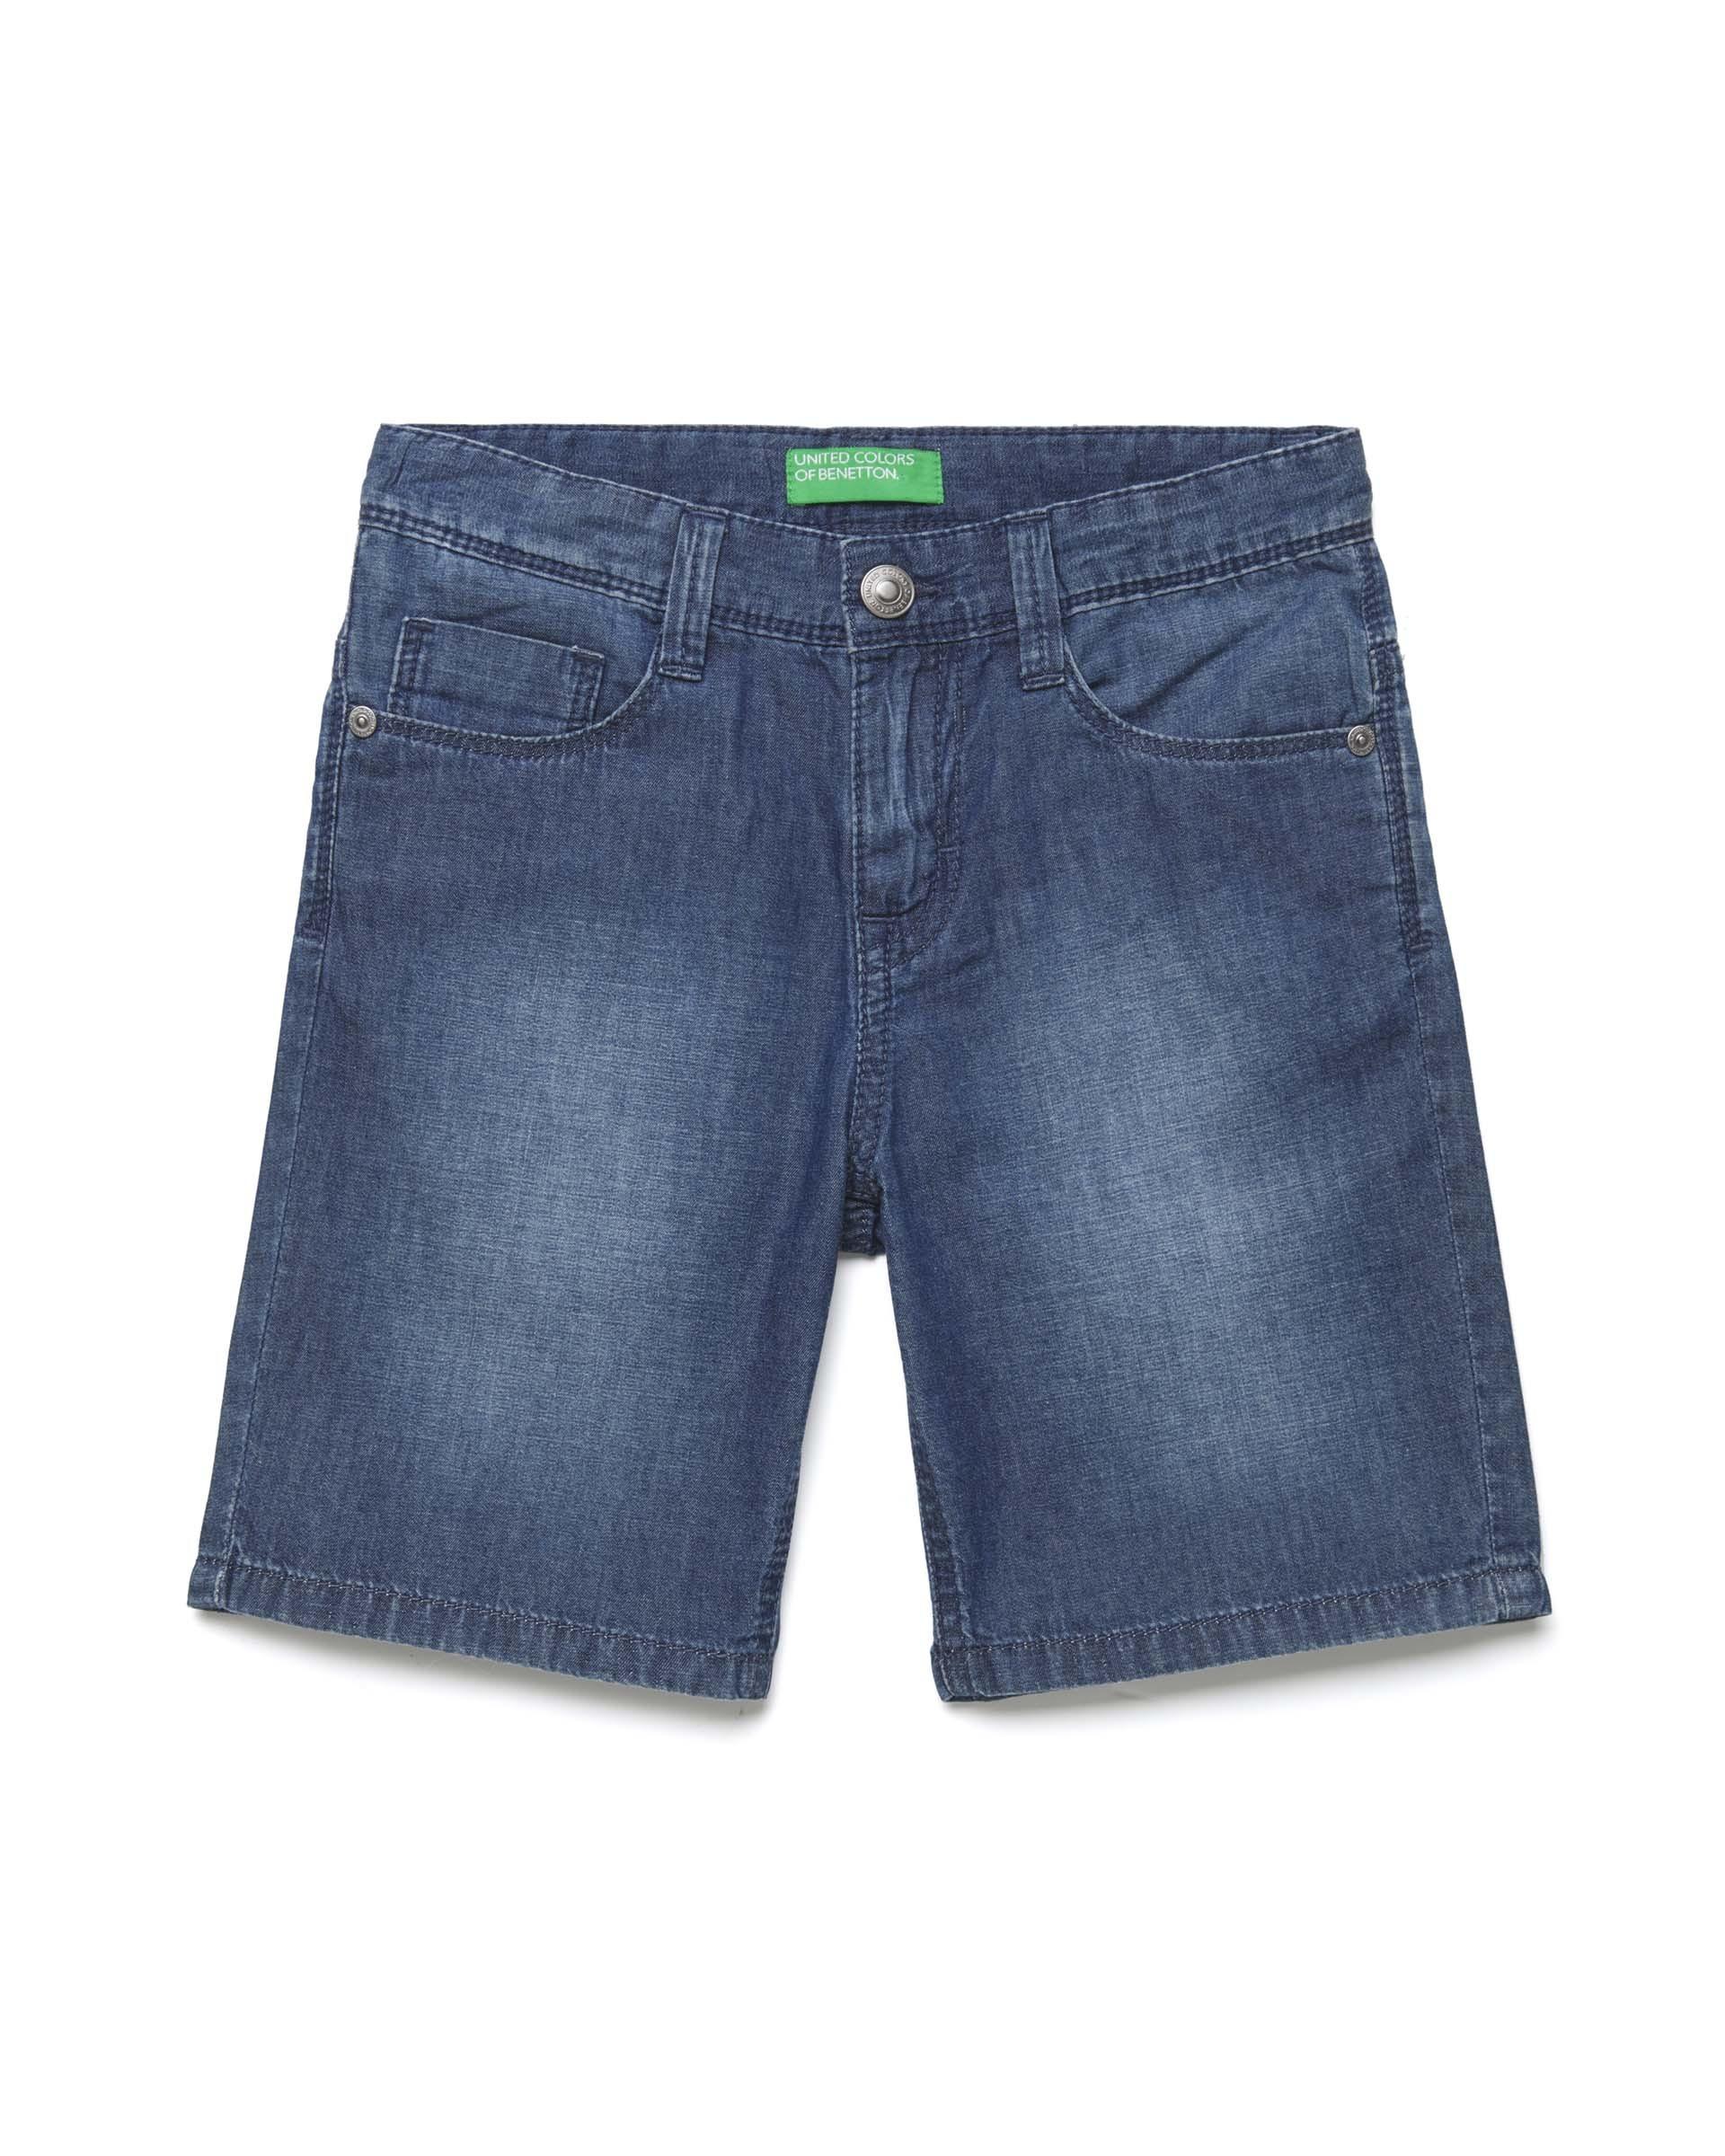 Купить 20P_4DHJ59CG0_901, Джинсовые шорты для мальчиков Benetton 4DHJ59CG0_901 р-р 128, United Colors of Benetton, Шорты для мальчиков